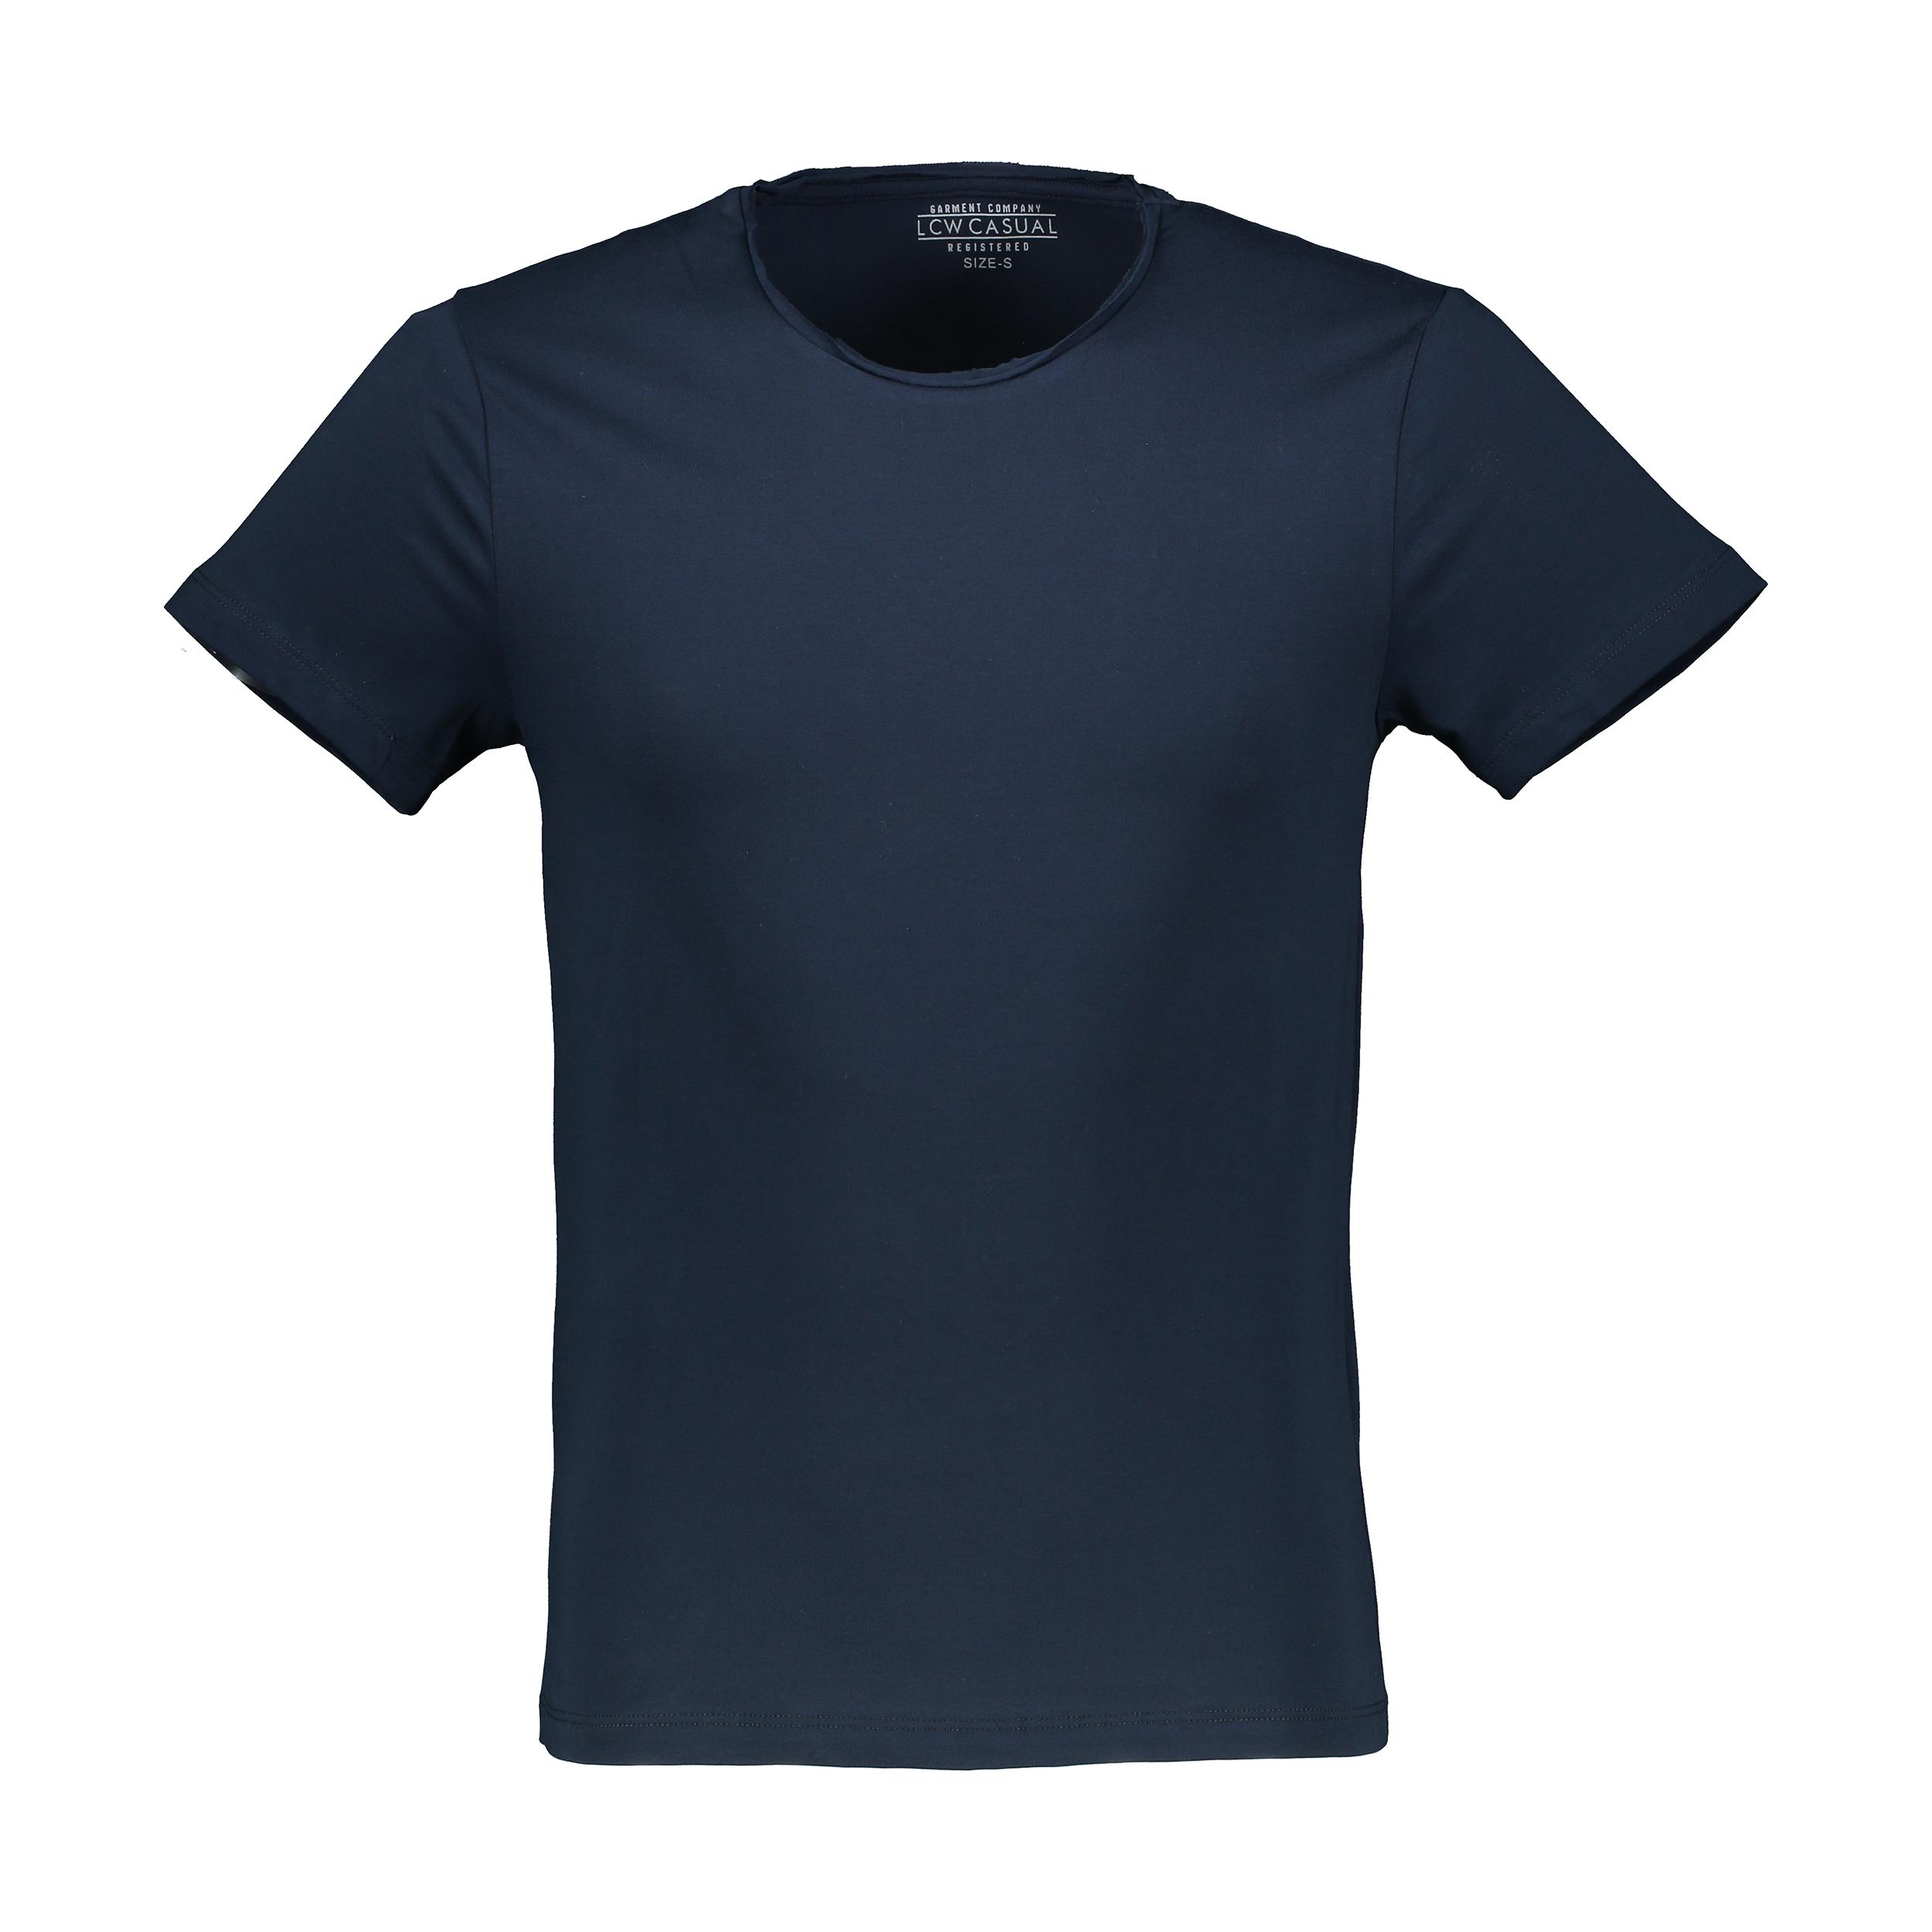 تی شرت مردانه ال سی وایکیکی مدل 9SG443Z8-DWP